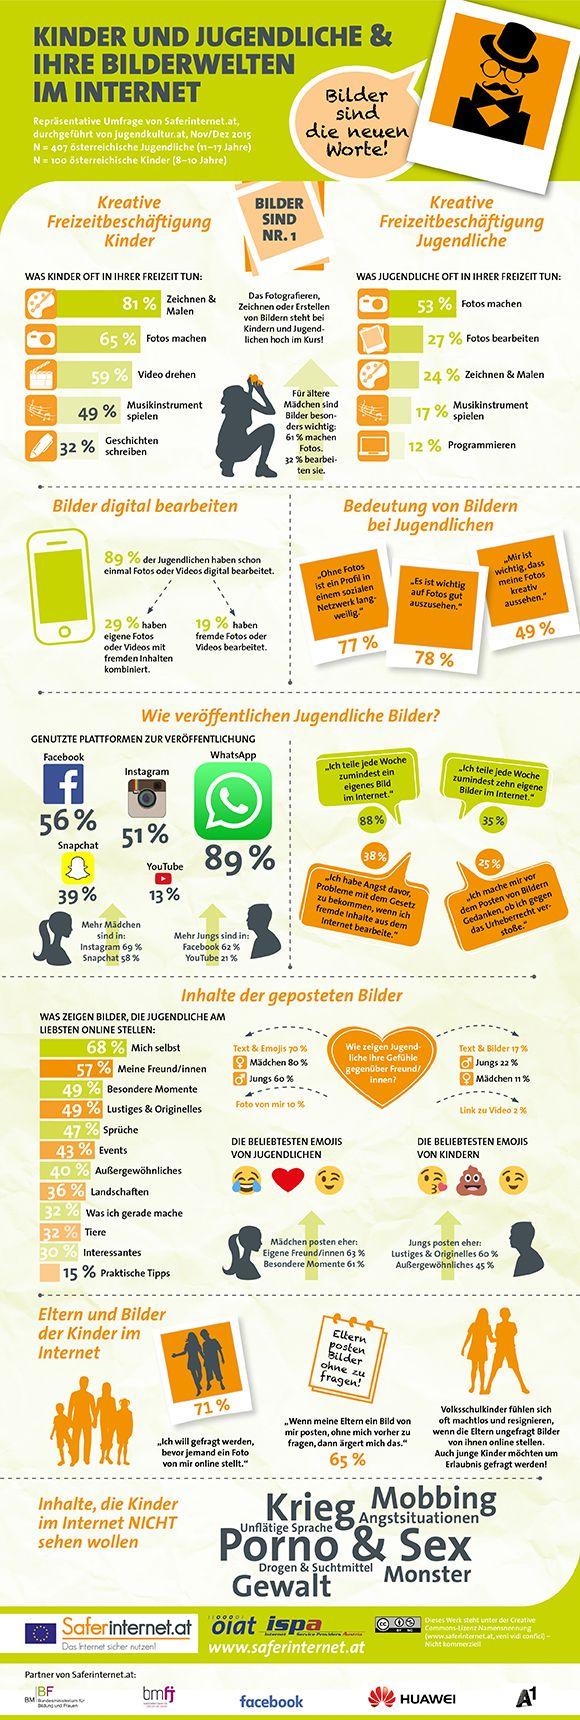 Kinder und Jugendliche und ihre Bildwelten im Internet (Infografik von saferinternet.at)